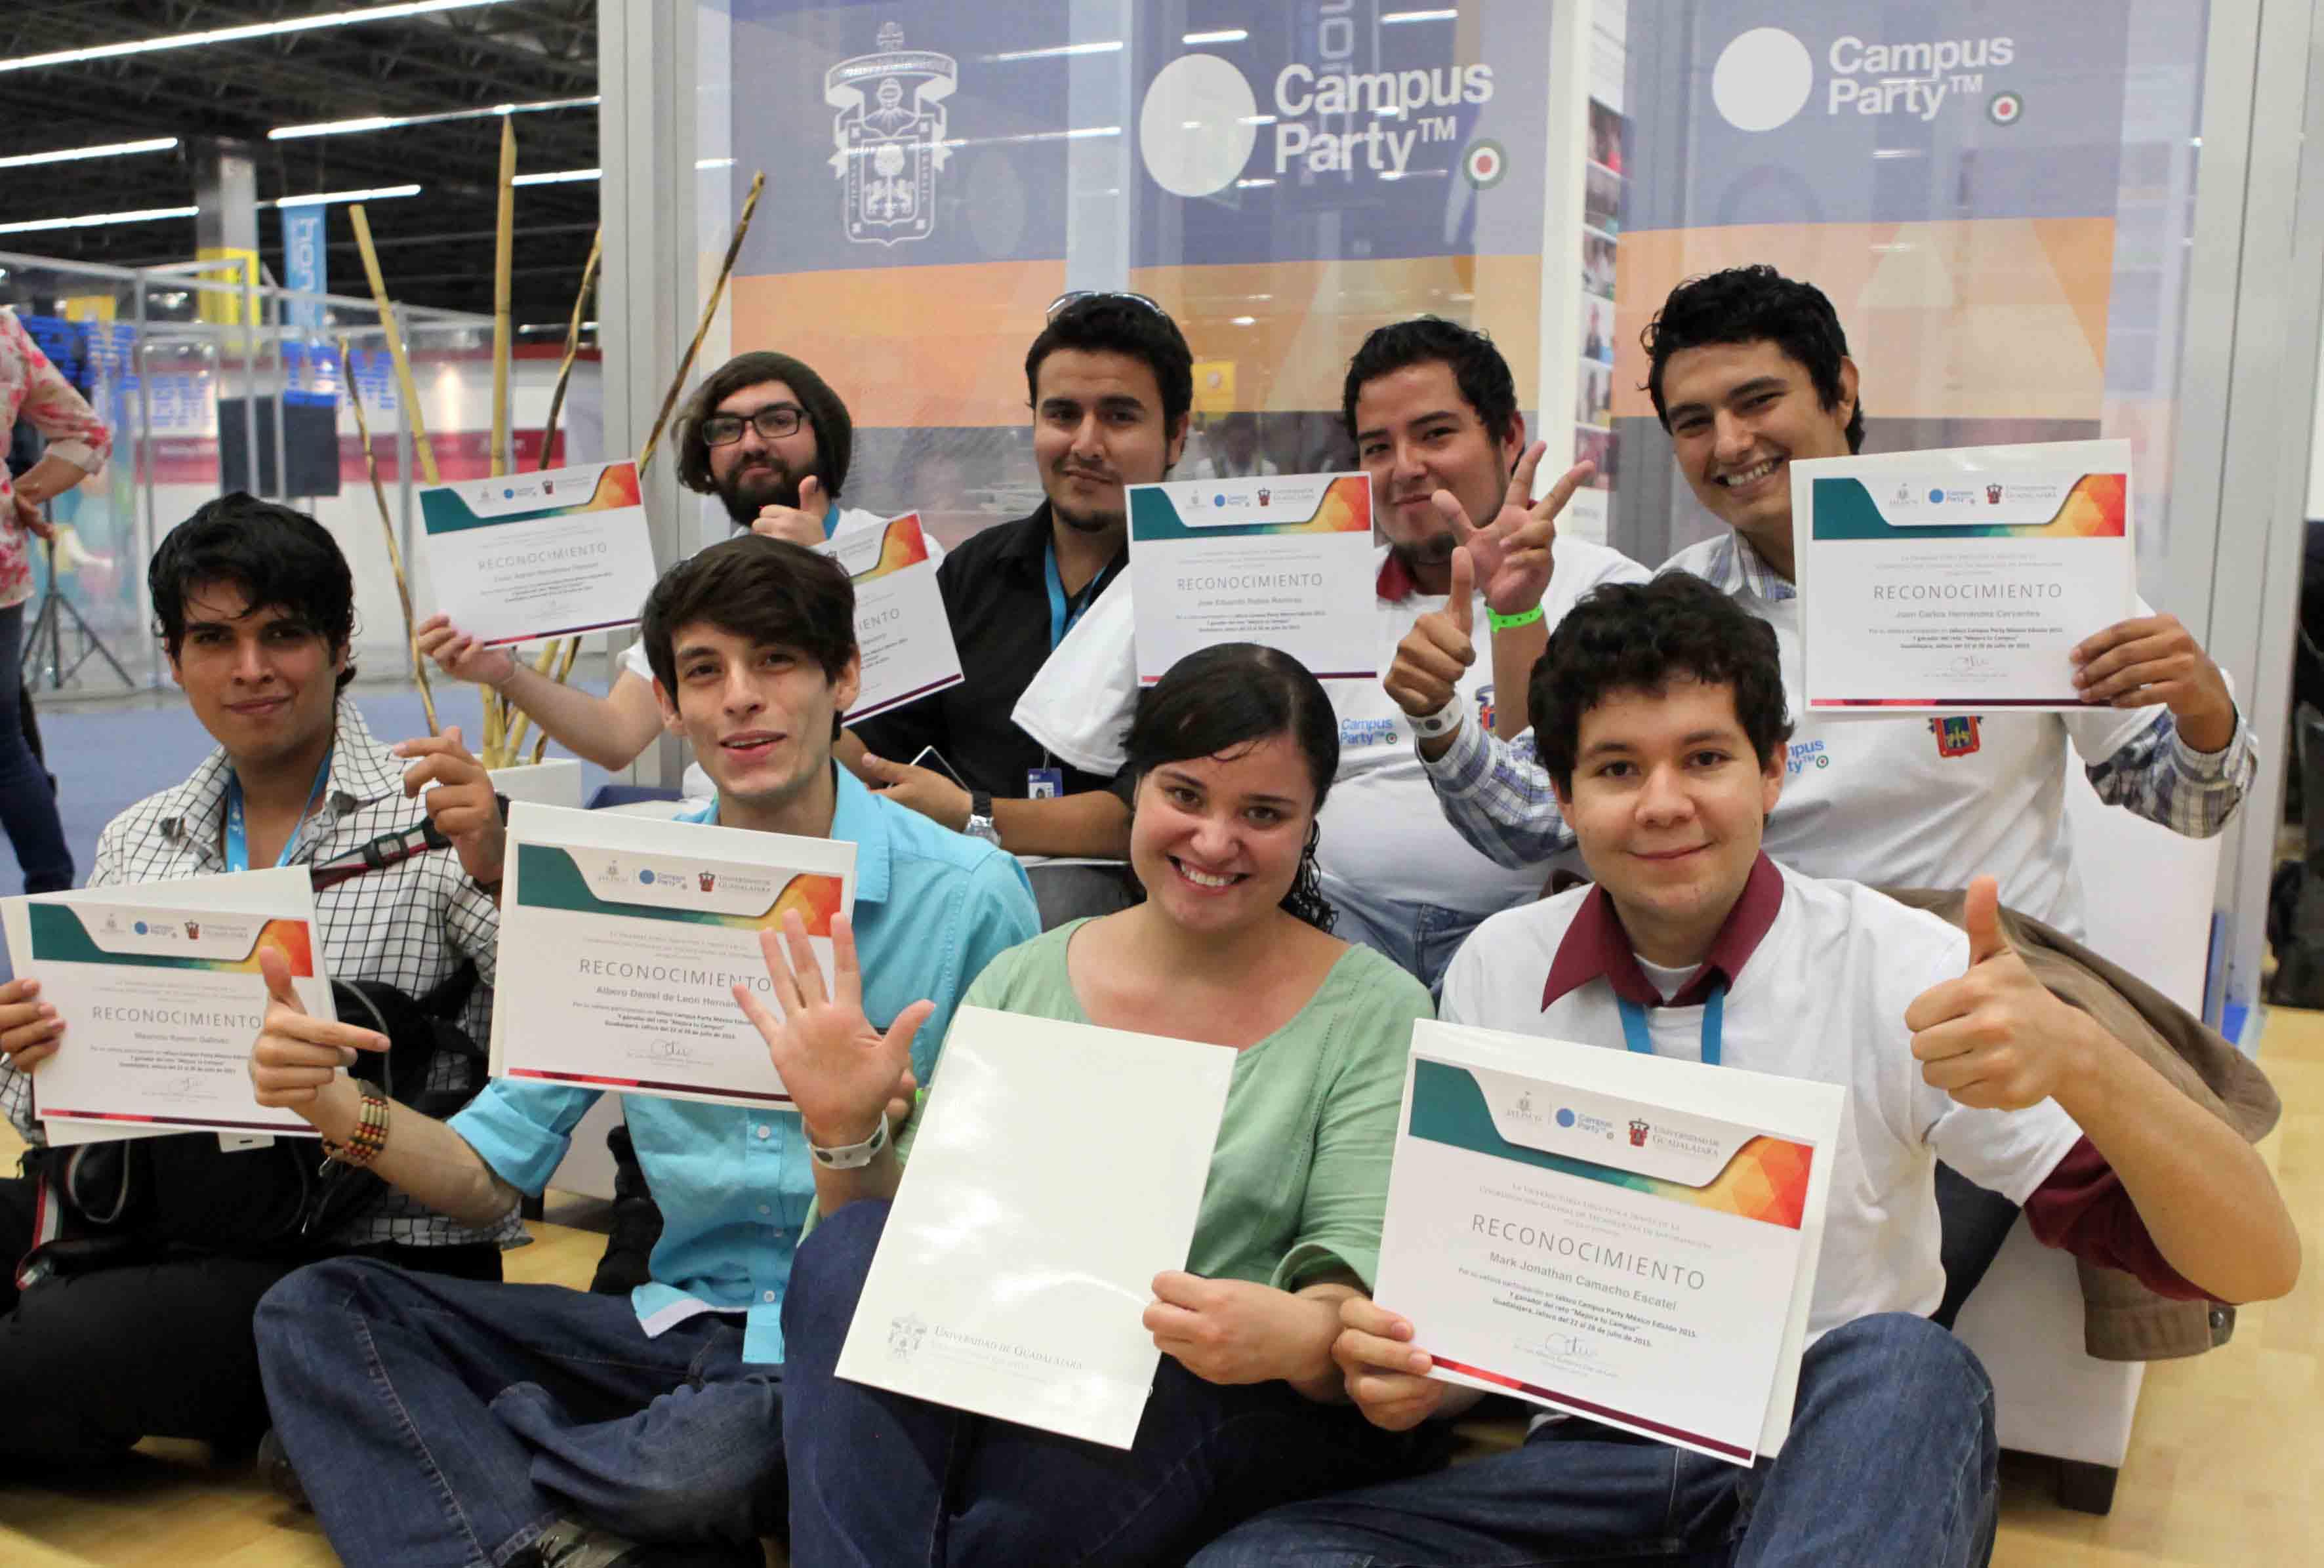 """Alumnos ganadores del reto """"Mejora tu campus"""" mostrando su reconocimiento"""